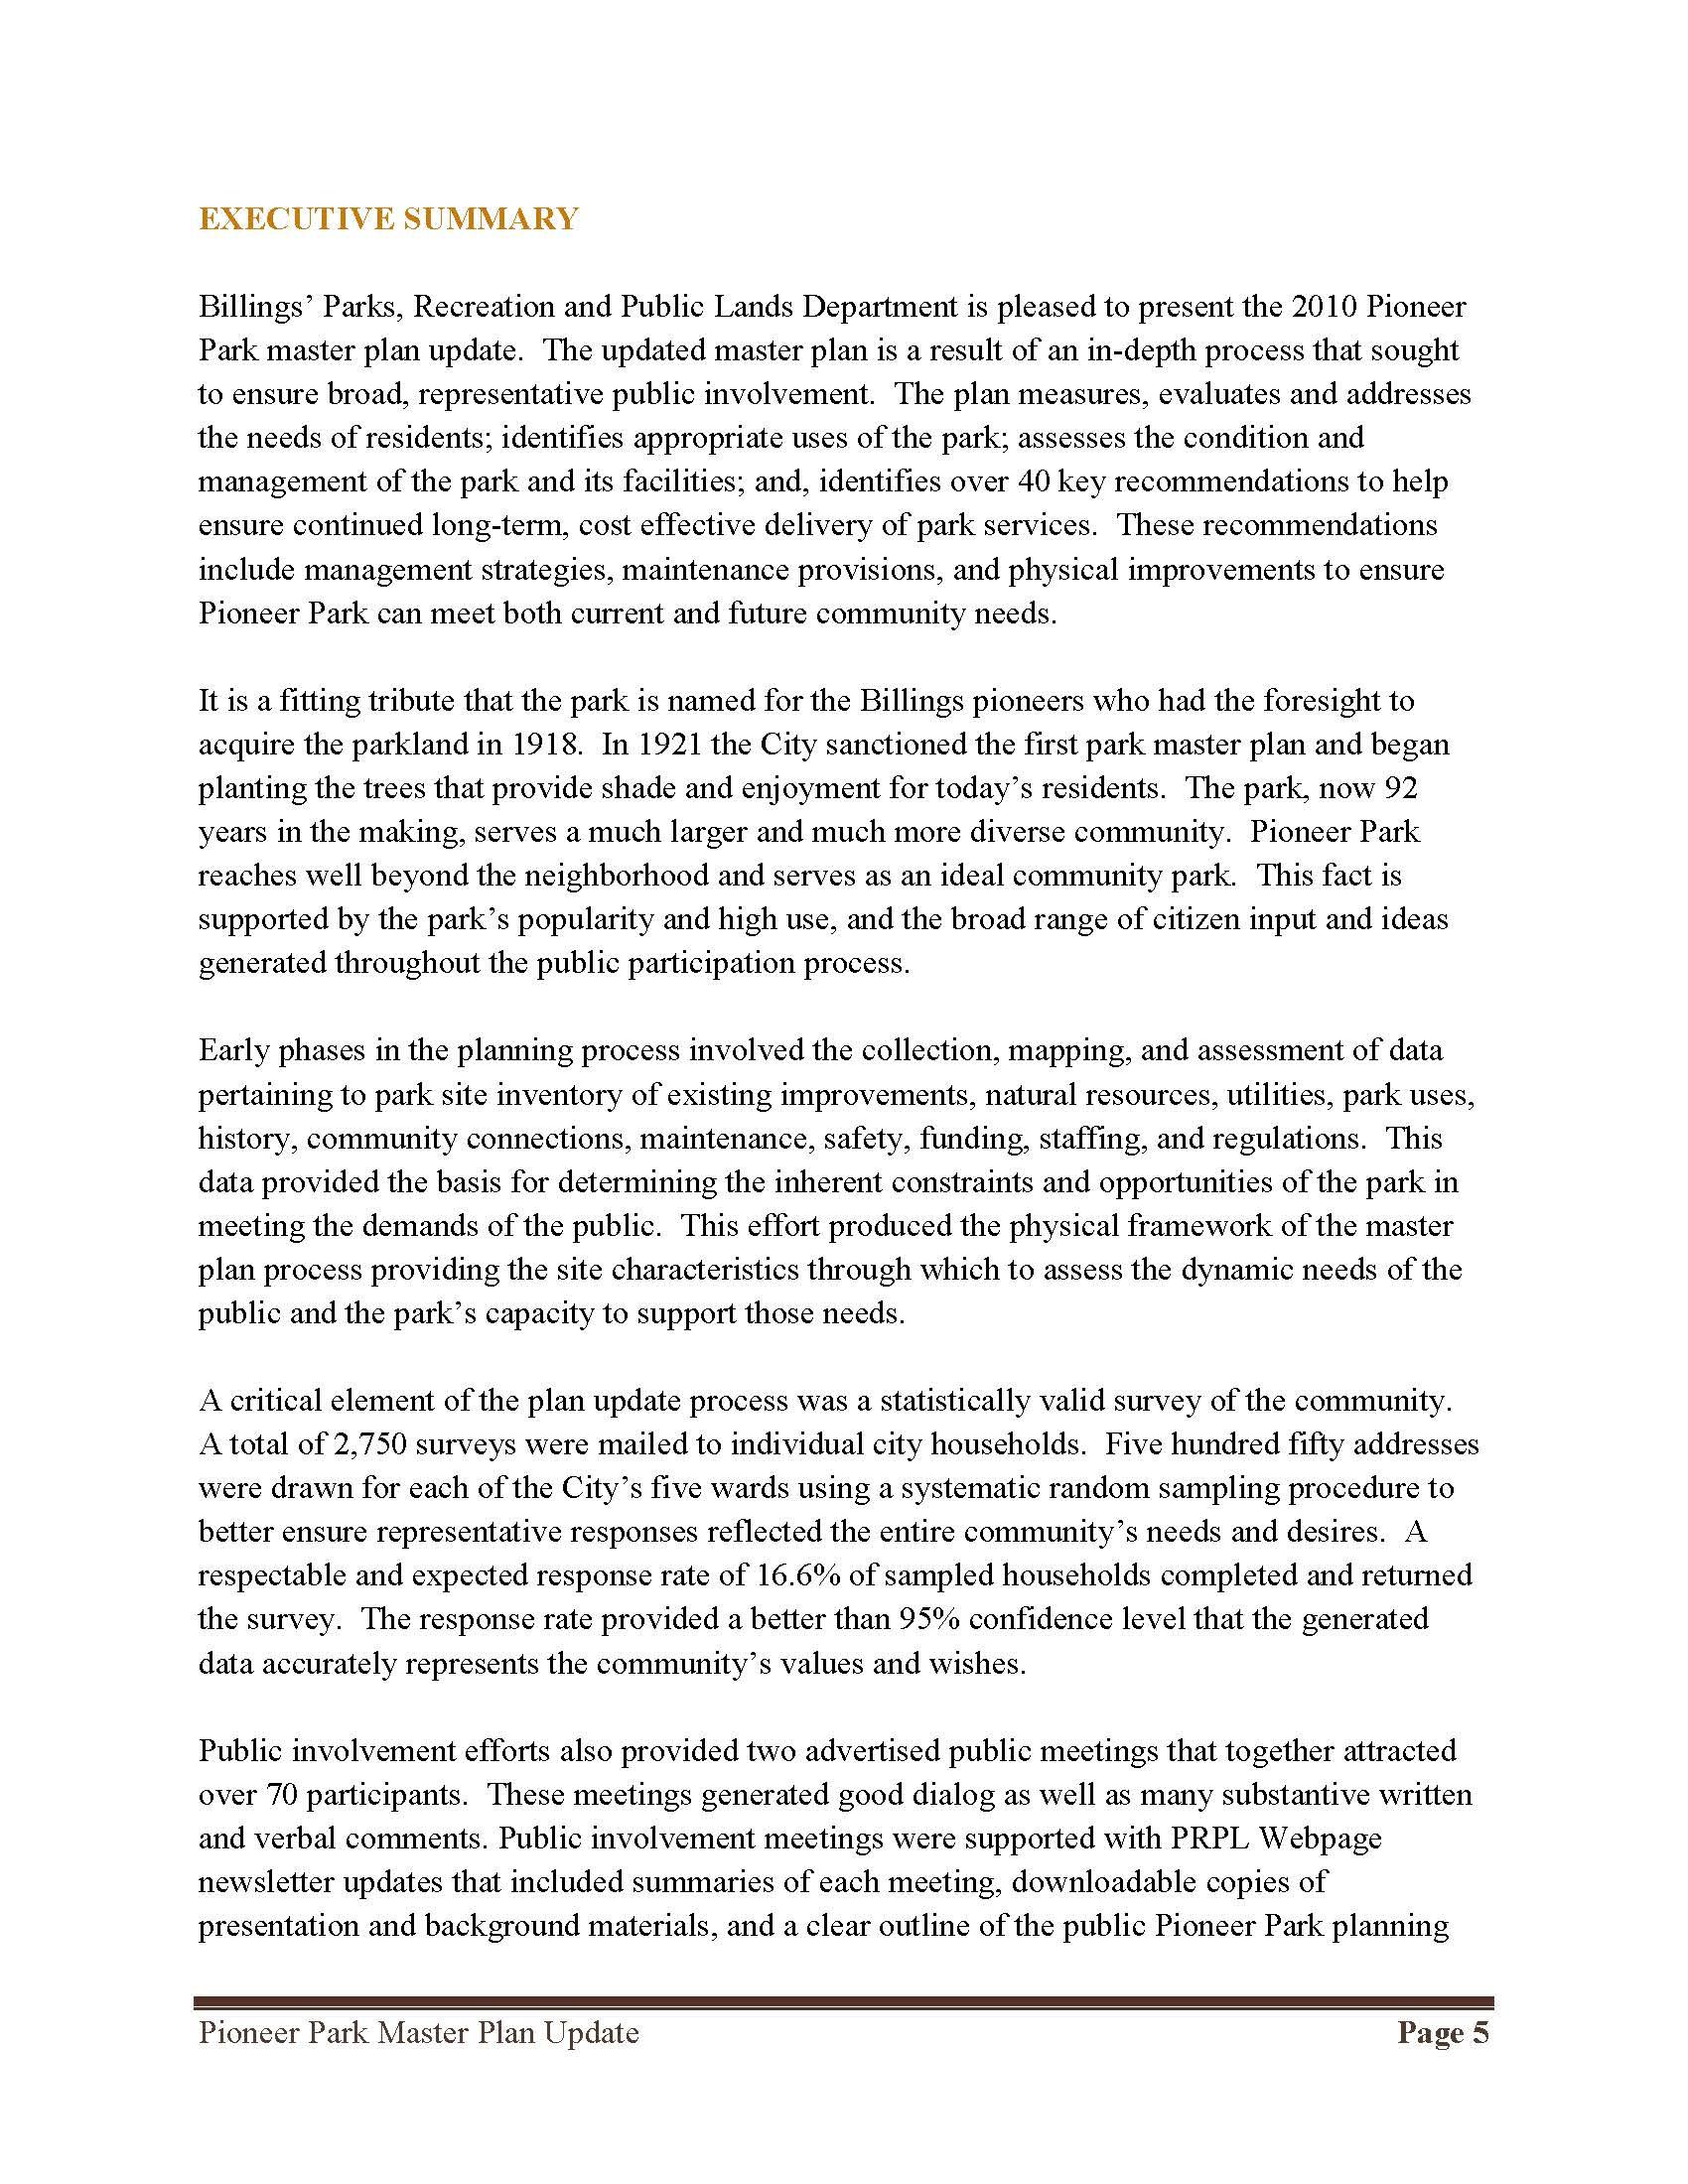 2010 Pioneer Park Master Plan Update_Page_006.jpg